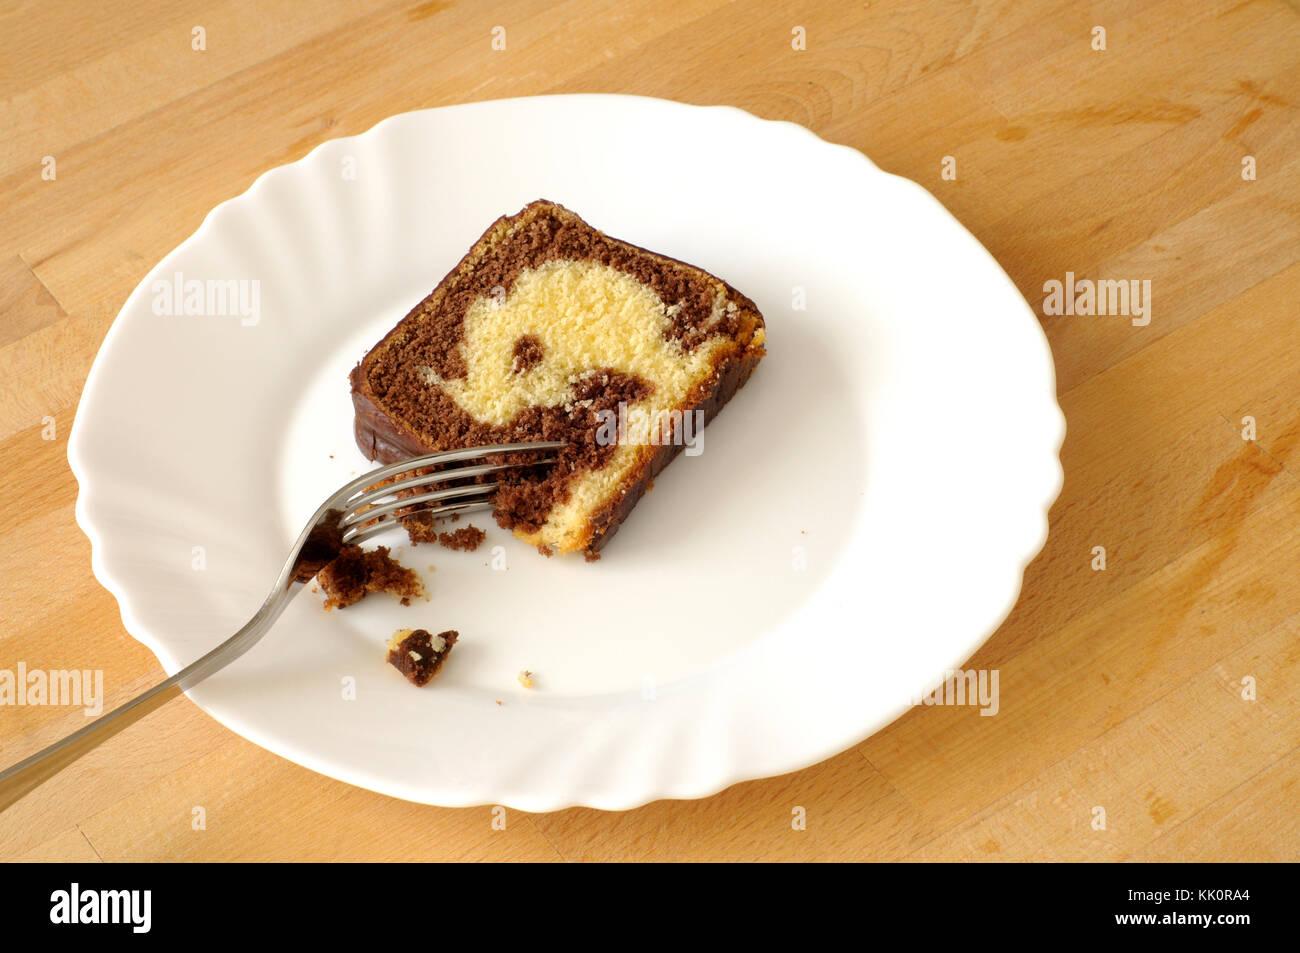 Essen Lecker Kuchen Chocolare Stockfoto Bild 166590092 Alamy